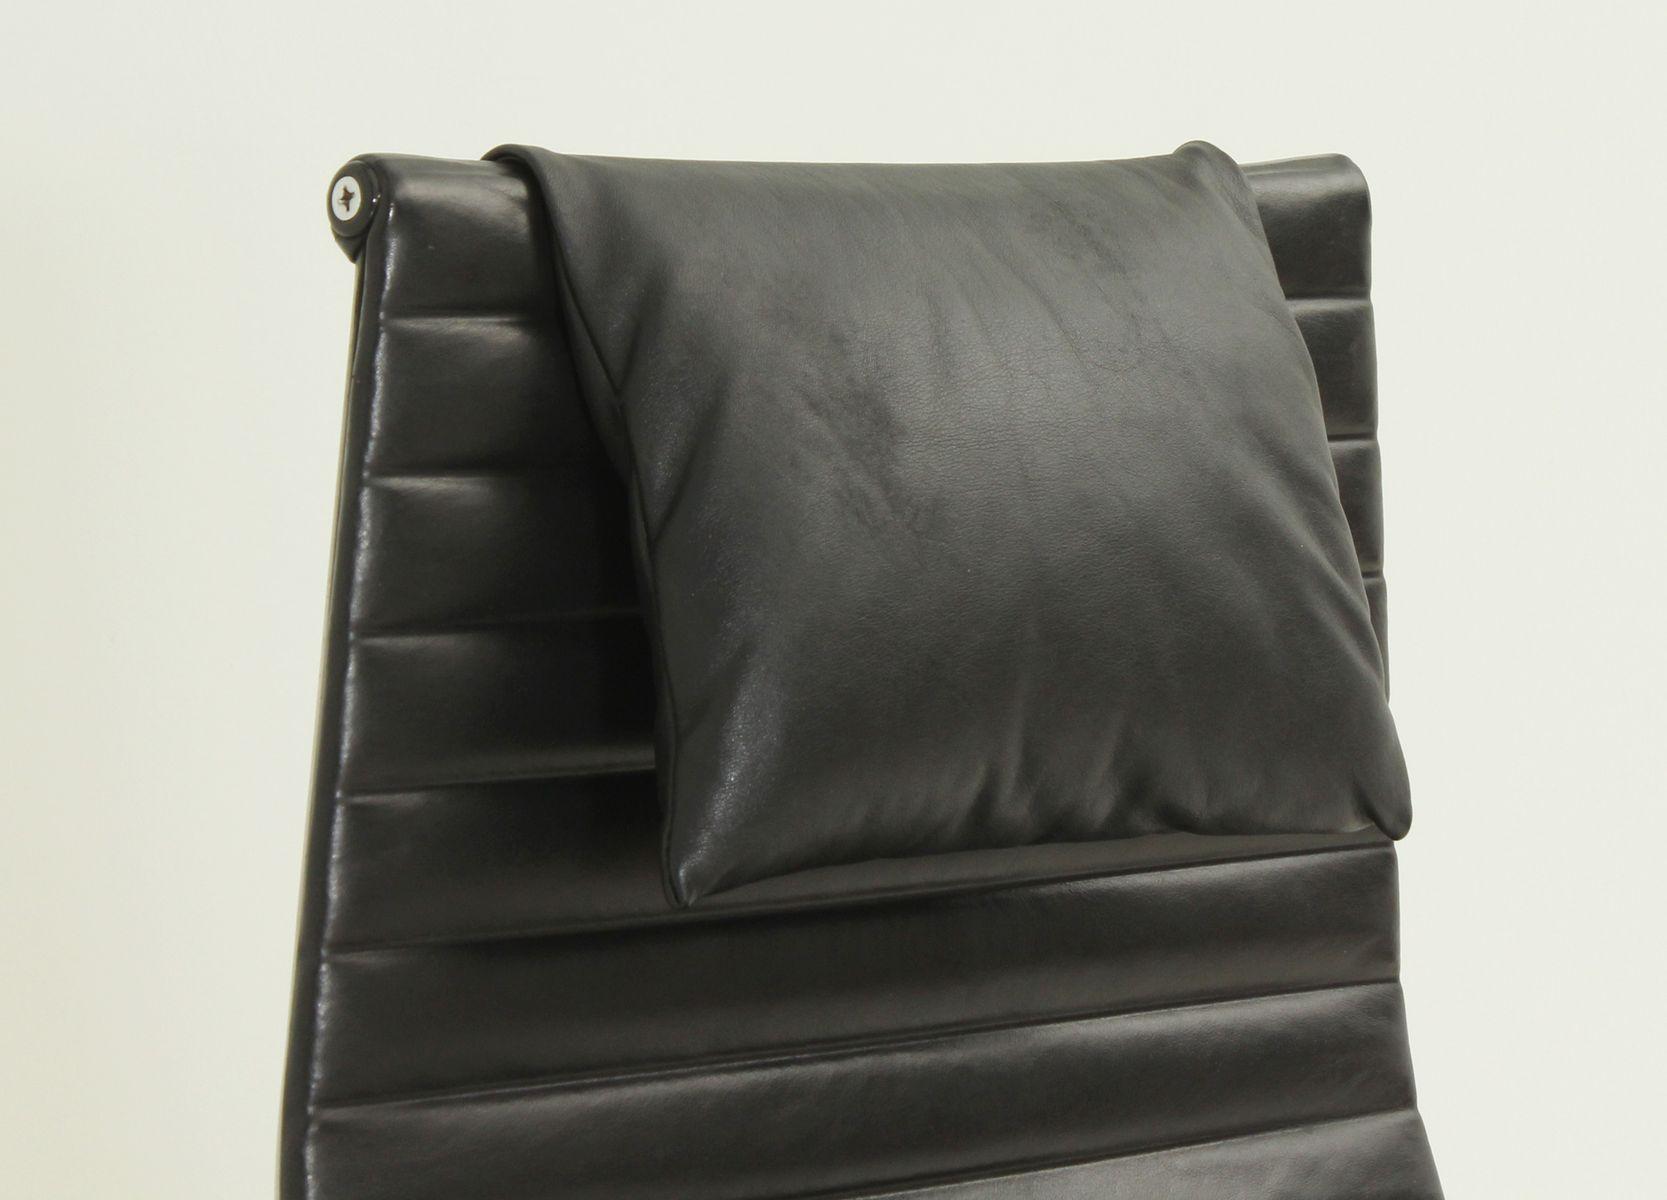 Poltrona ea 124 in pelle nera di charles & ray eames anni 60 in